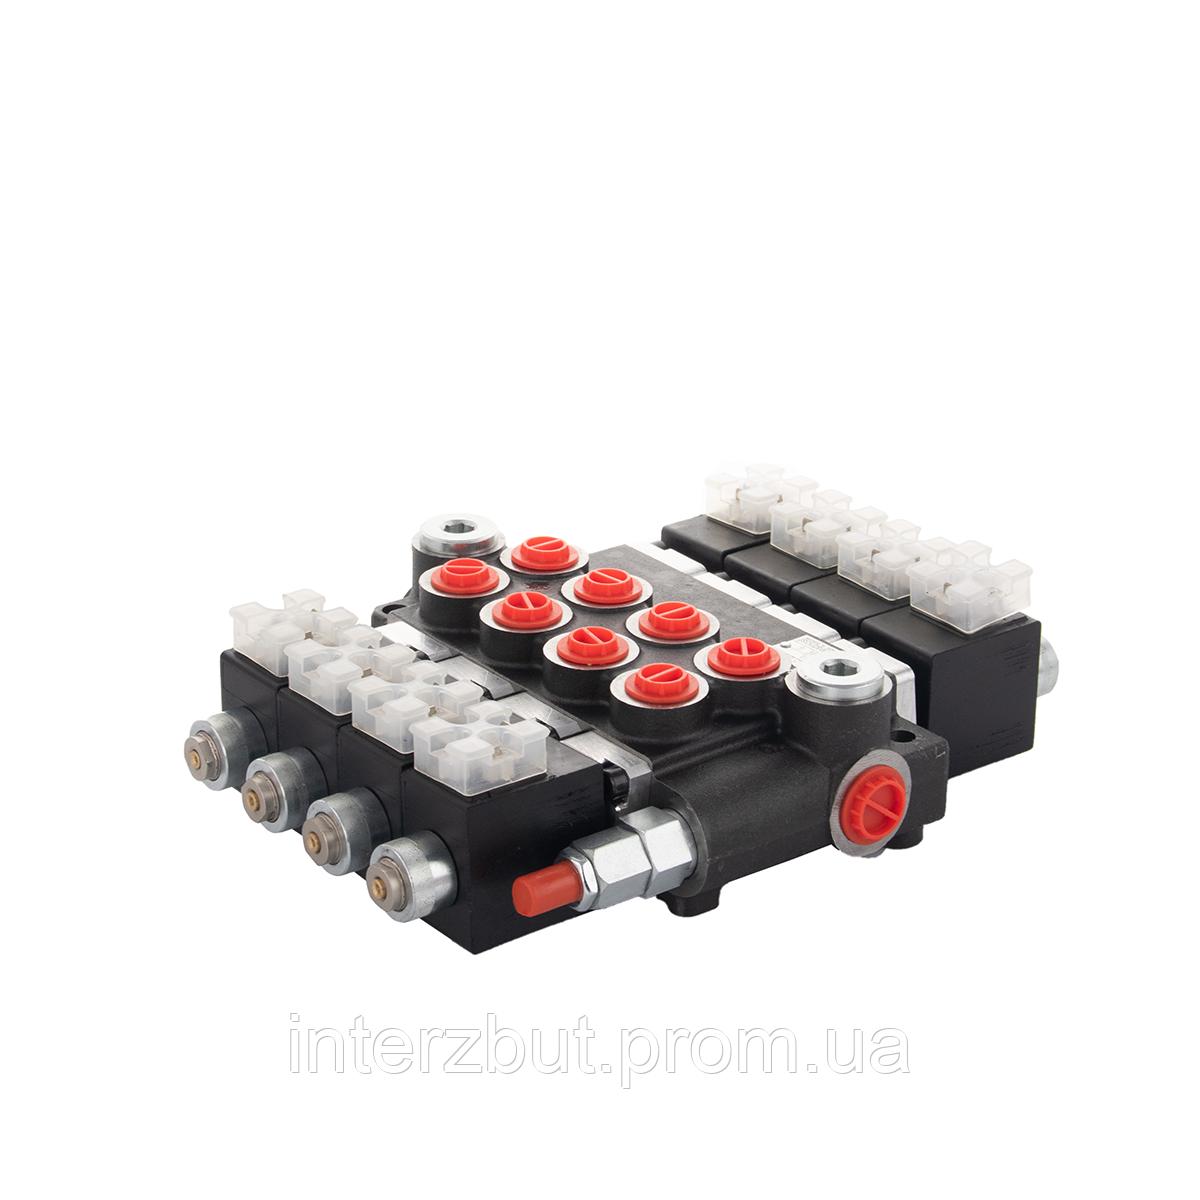 Гидрораспределитель 04Z80 AAAA ES3 12/24 VDC G